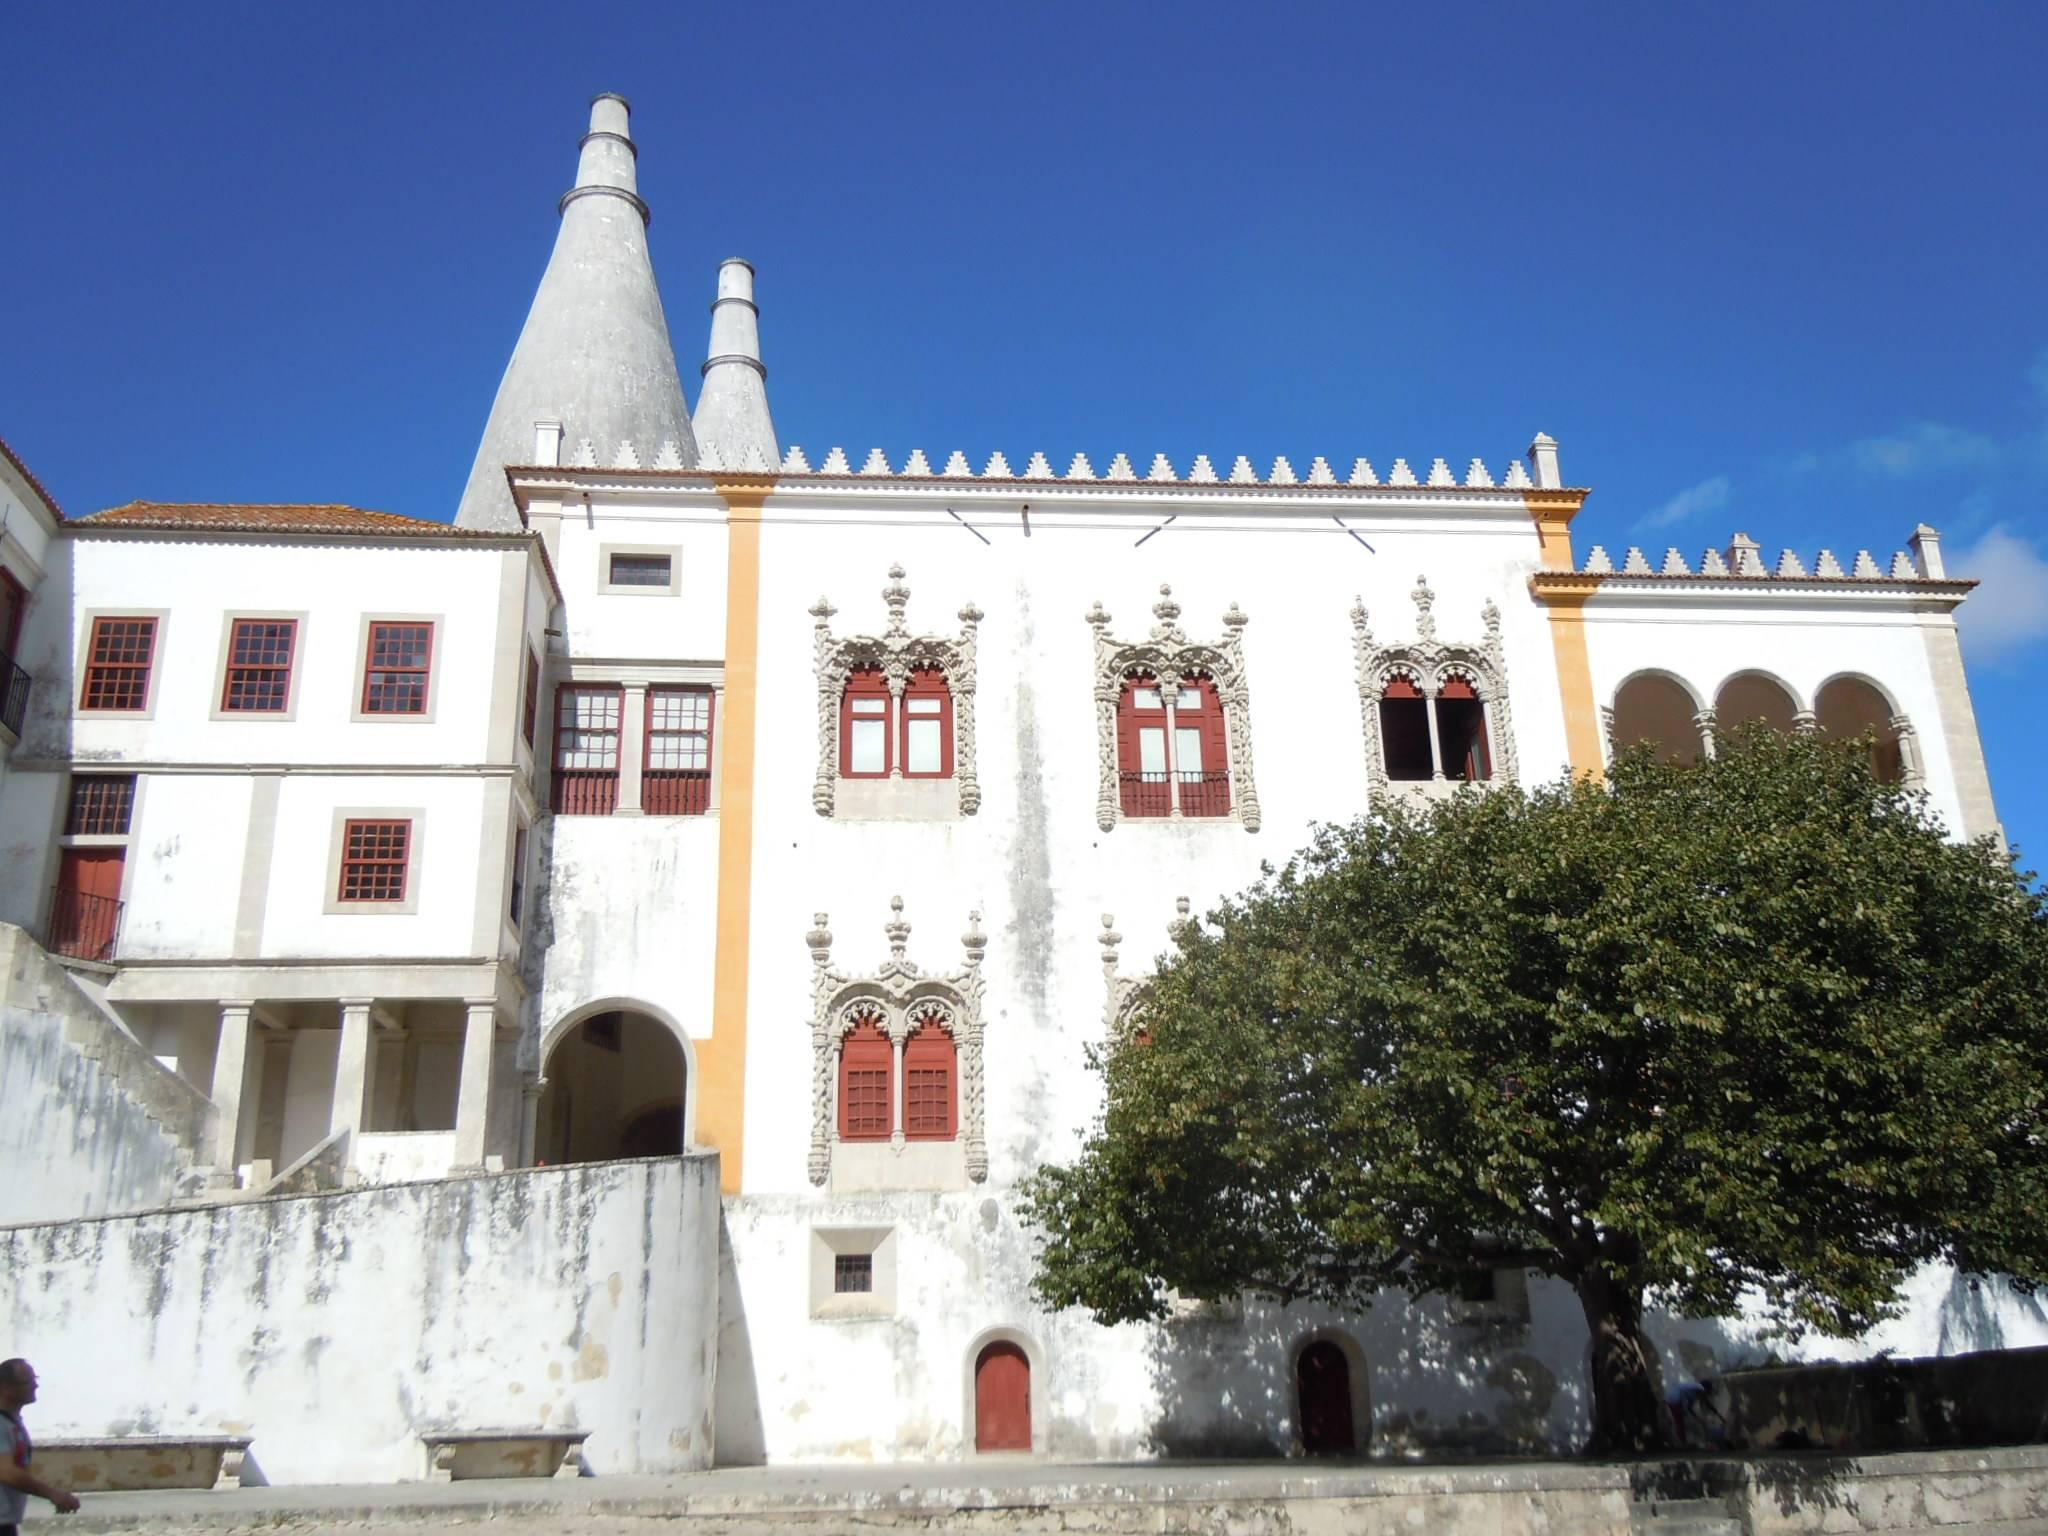 חפצים - עיצוב הבית פורטוגל כיעד תיירותי - הפתעה